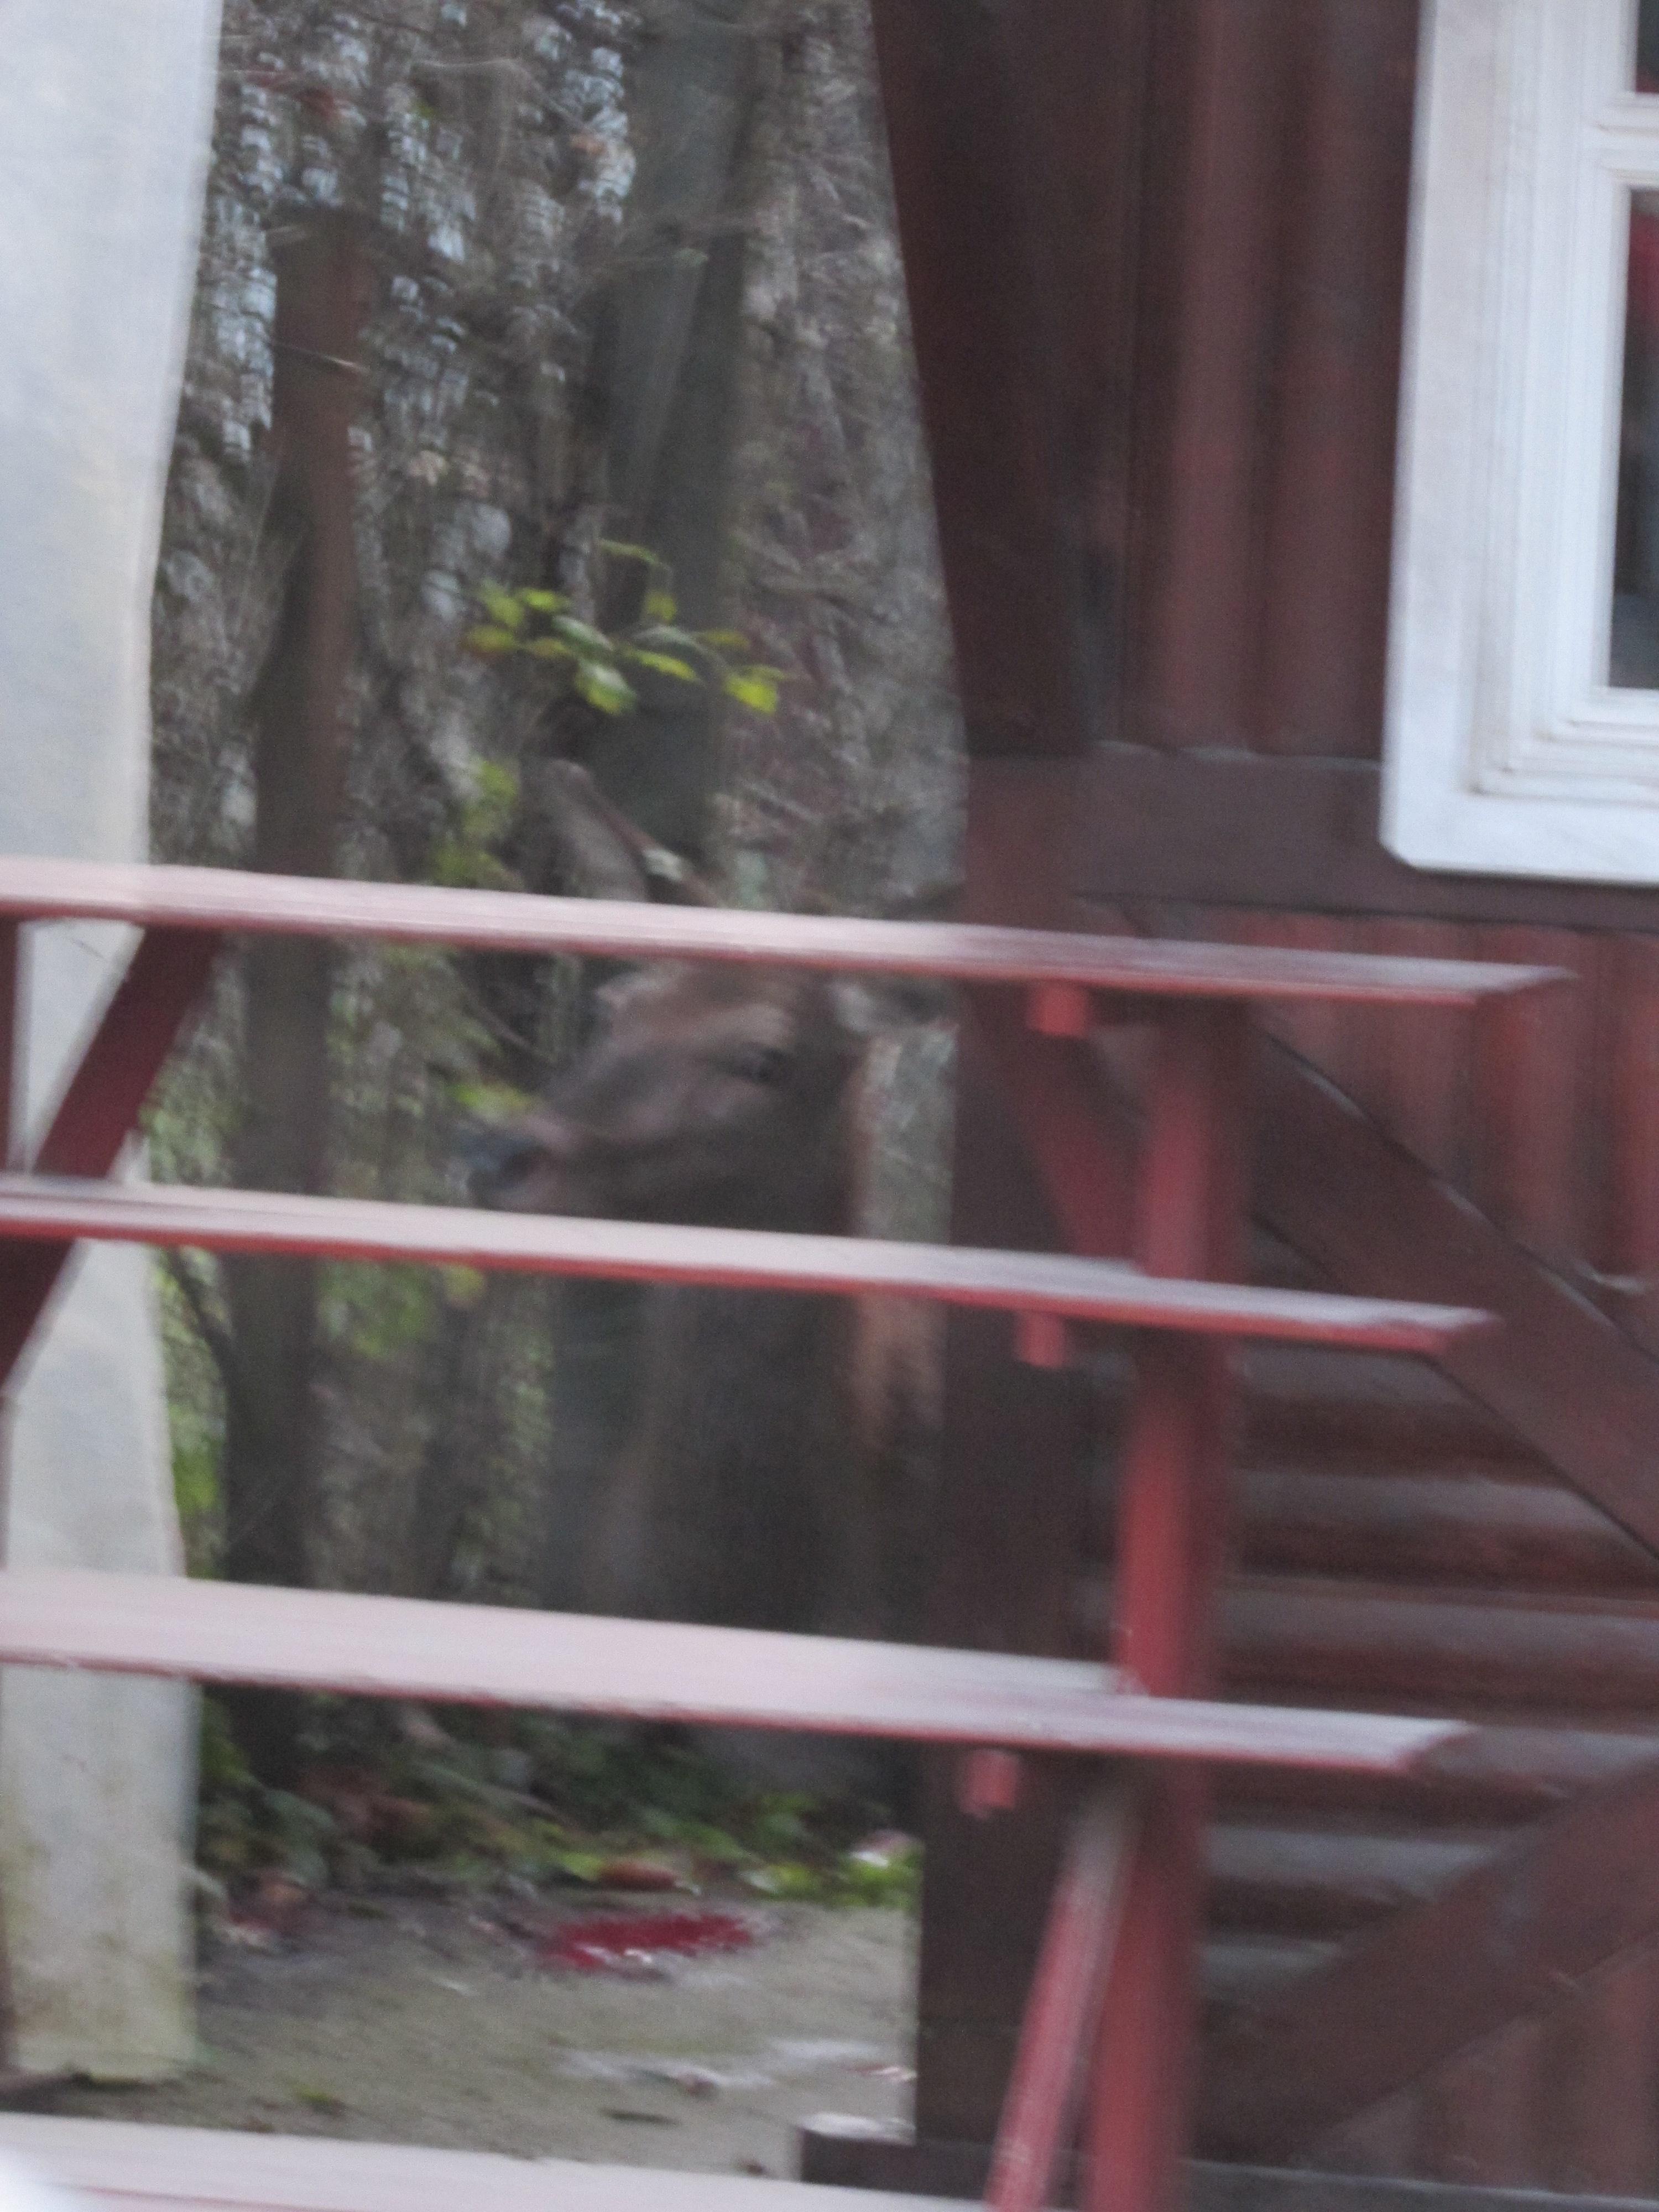 A két bódé között fekvő szarvastehén. Szabon Gábor felvétele. Elmondása szerint a keze nagyon remegett a történtek miatt, ezért lett ez a fotó ilyen homályos